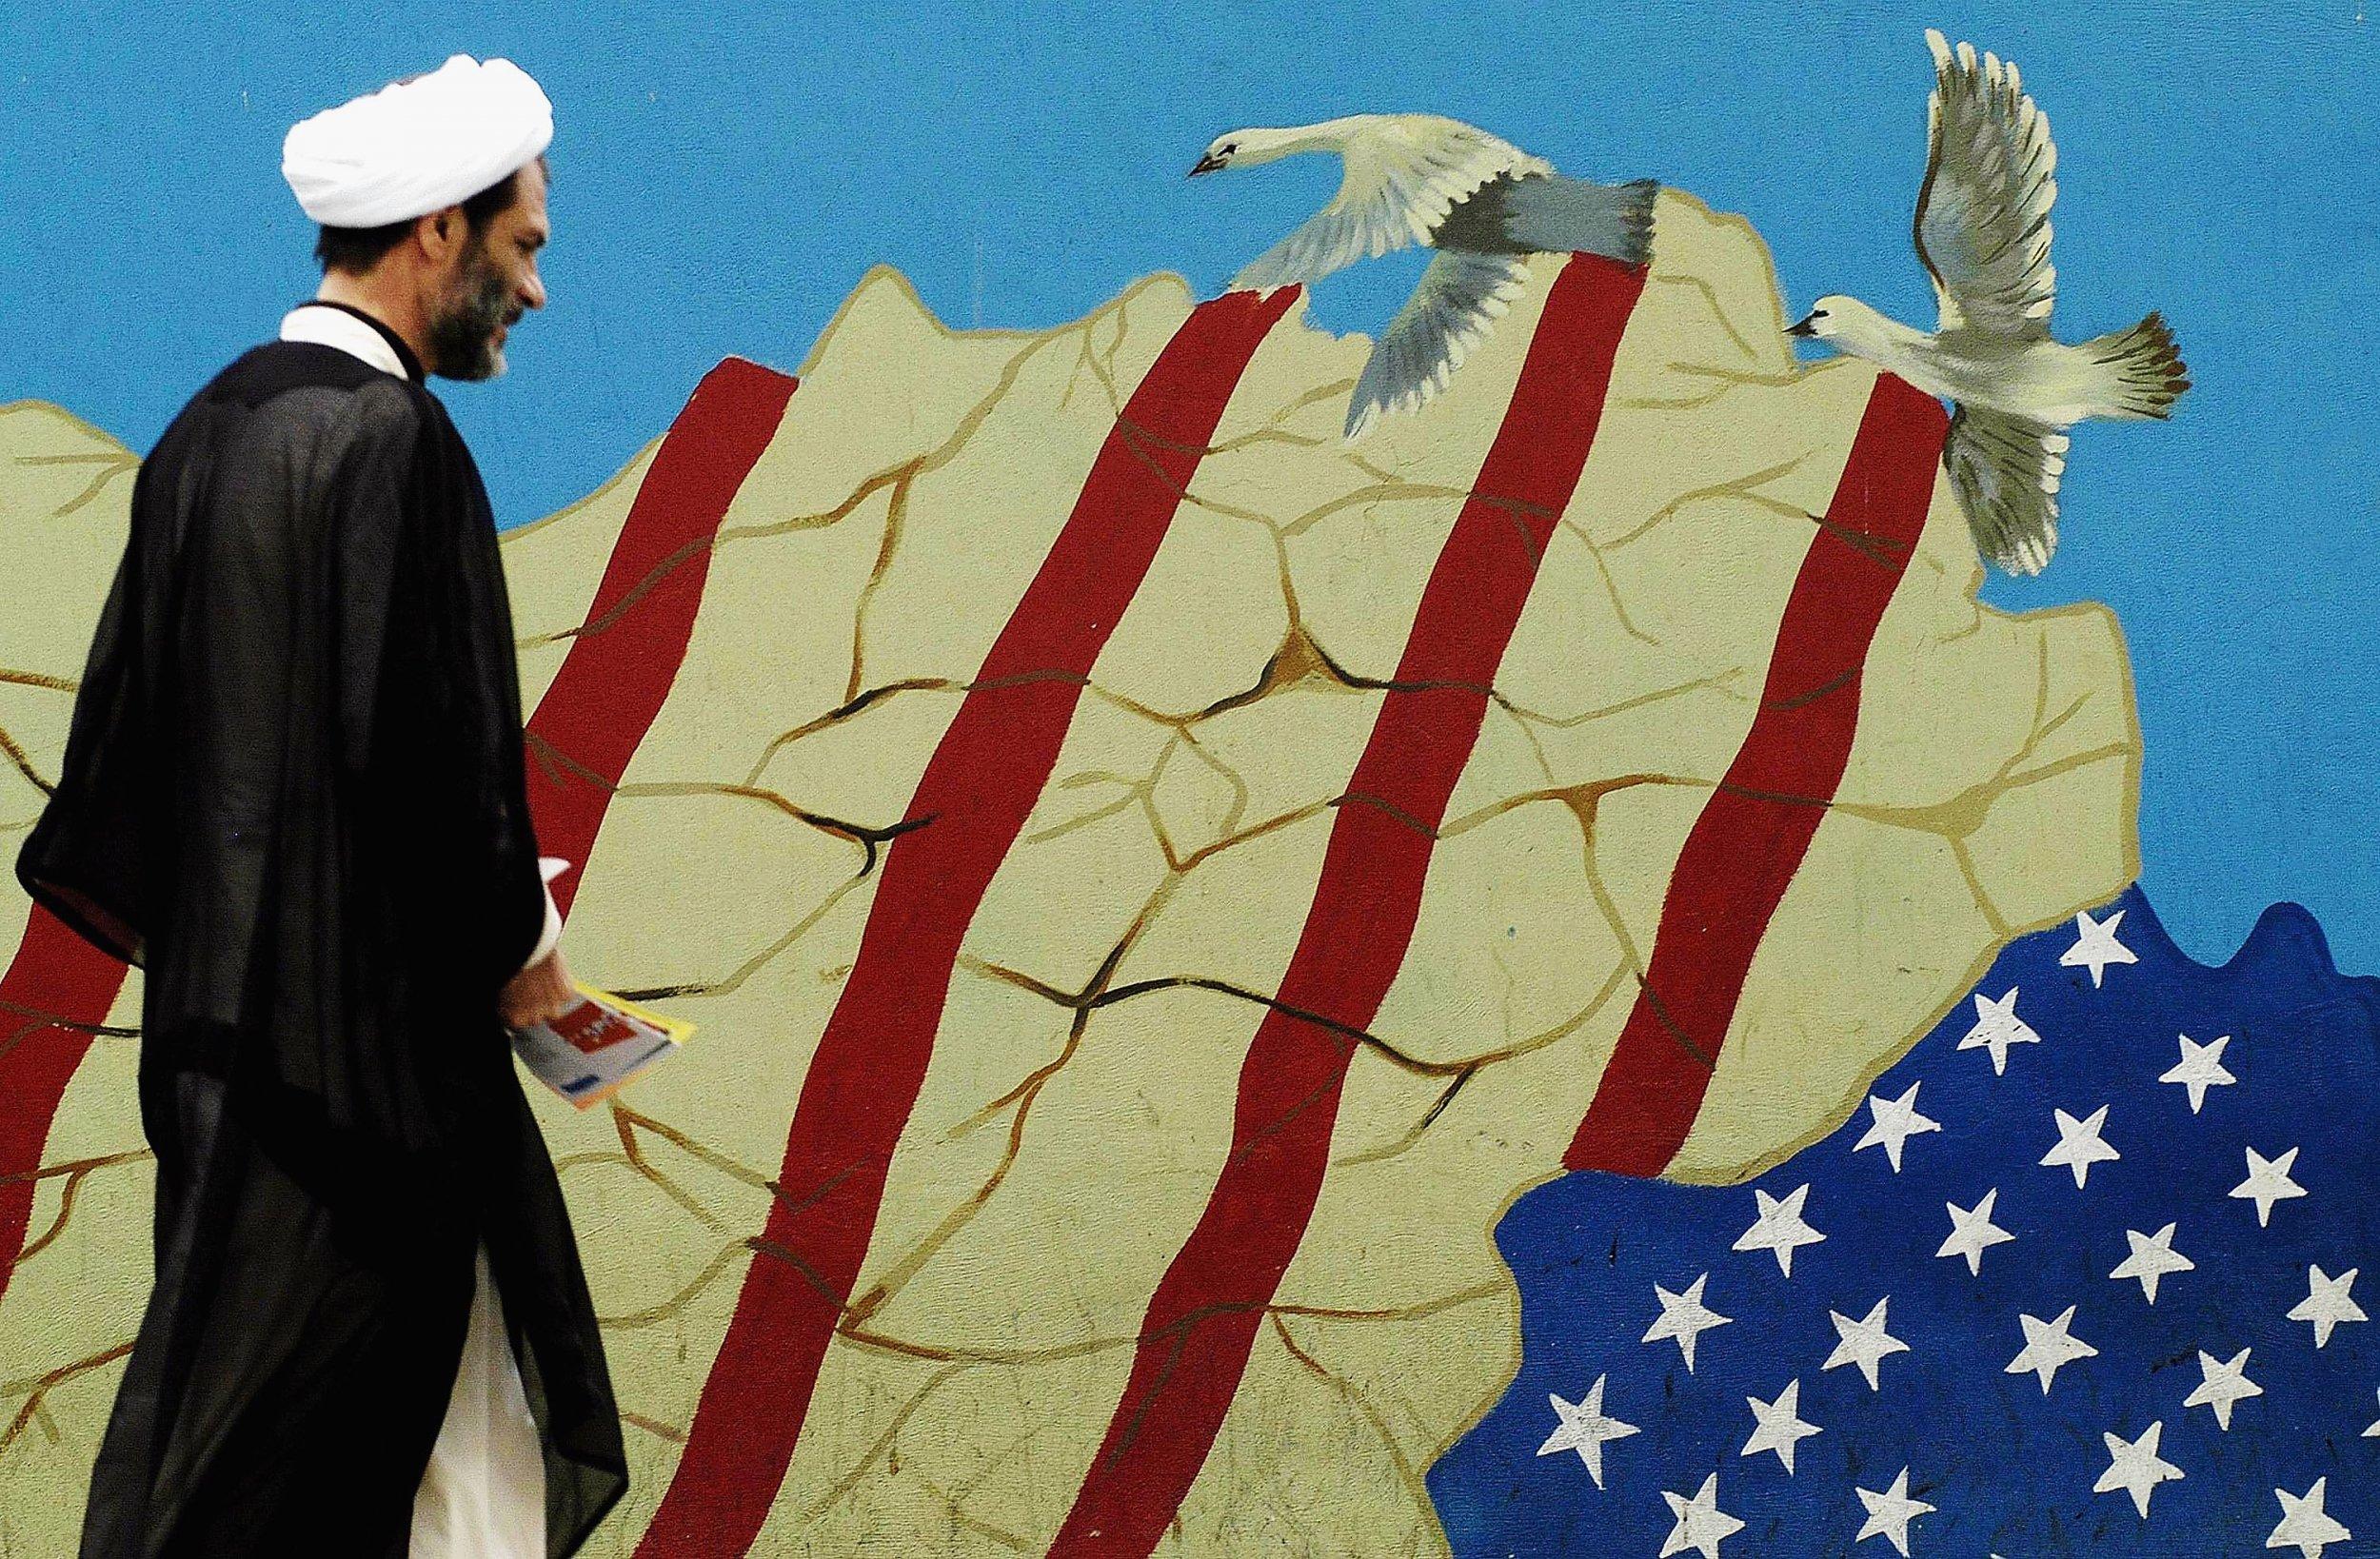 01_05_Iran_US